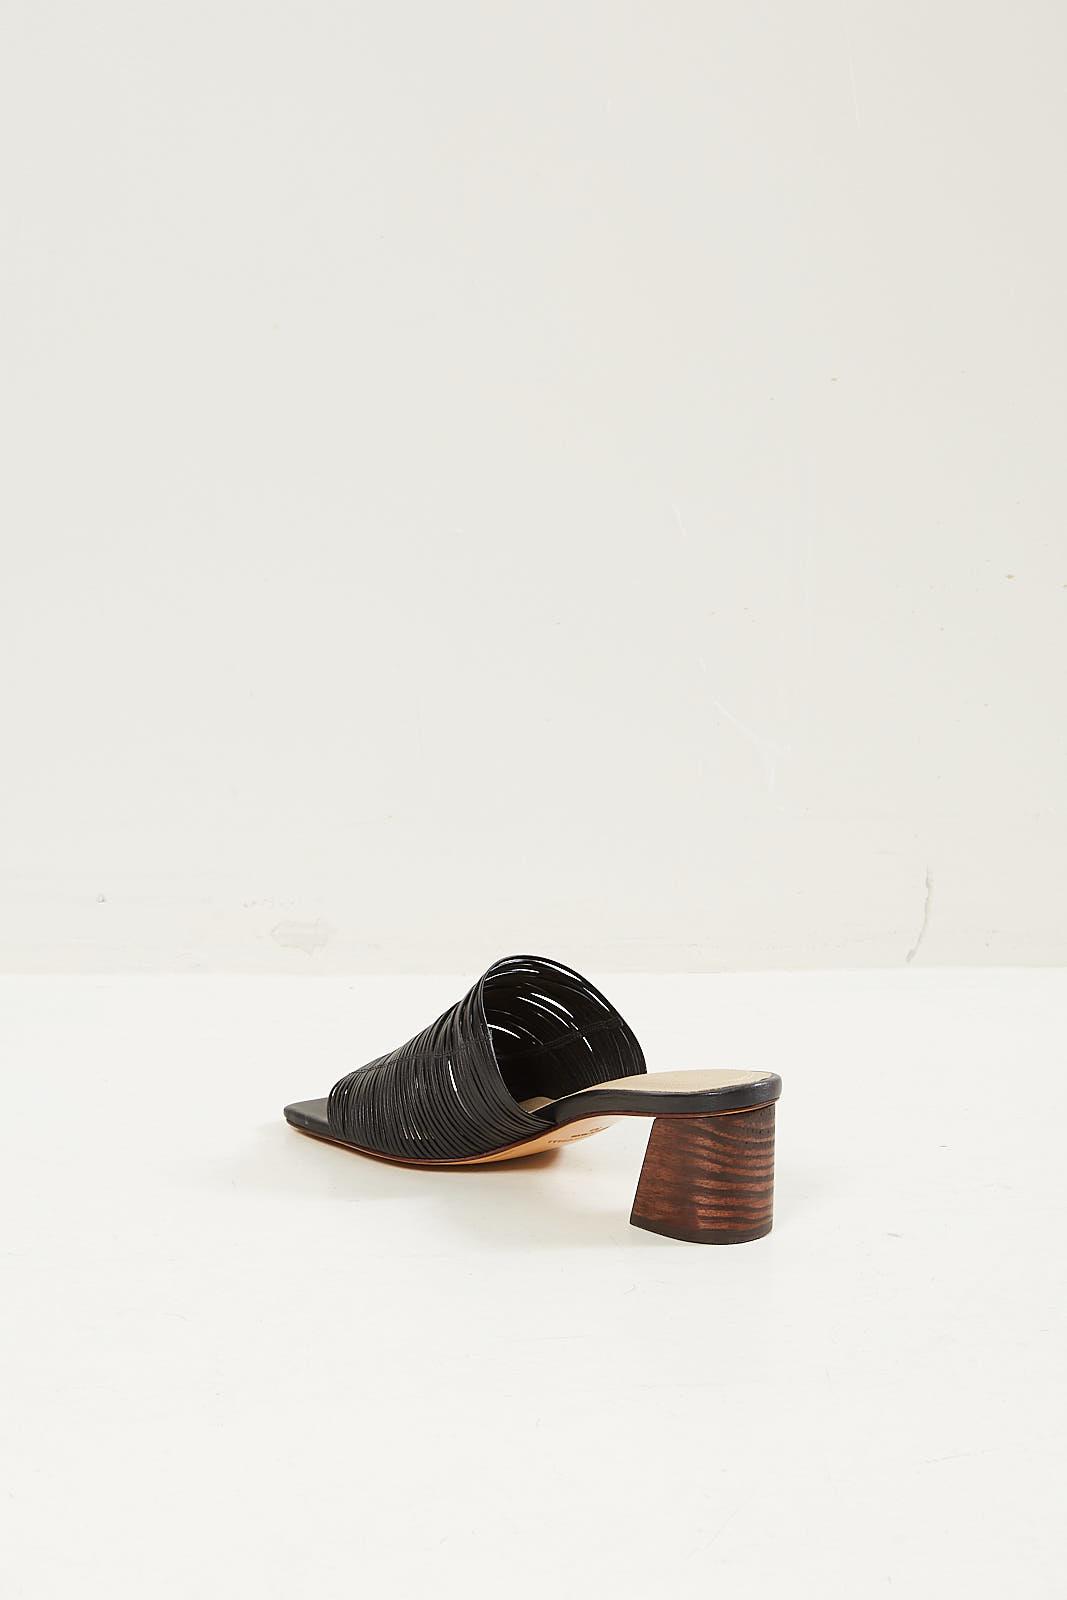 Mari Giudicelli - Gisele sandal preto